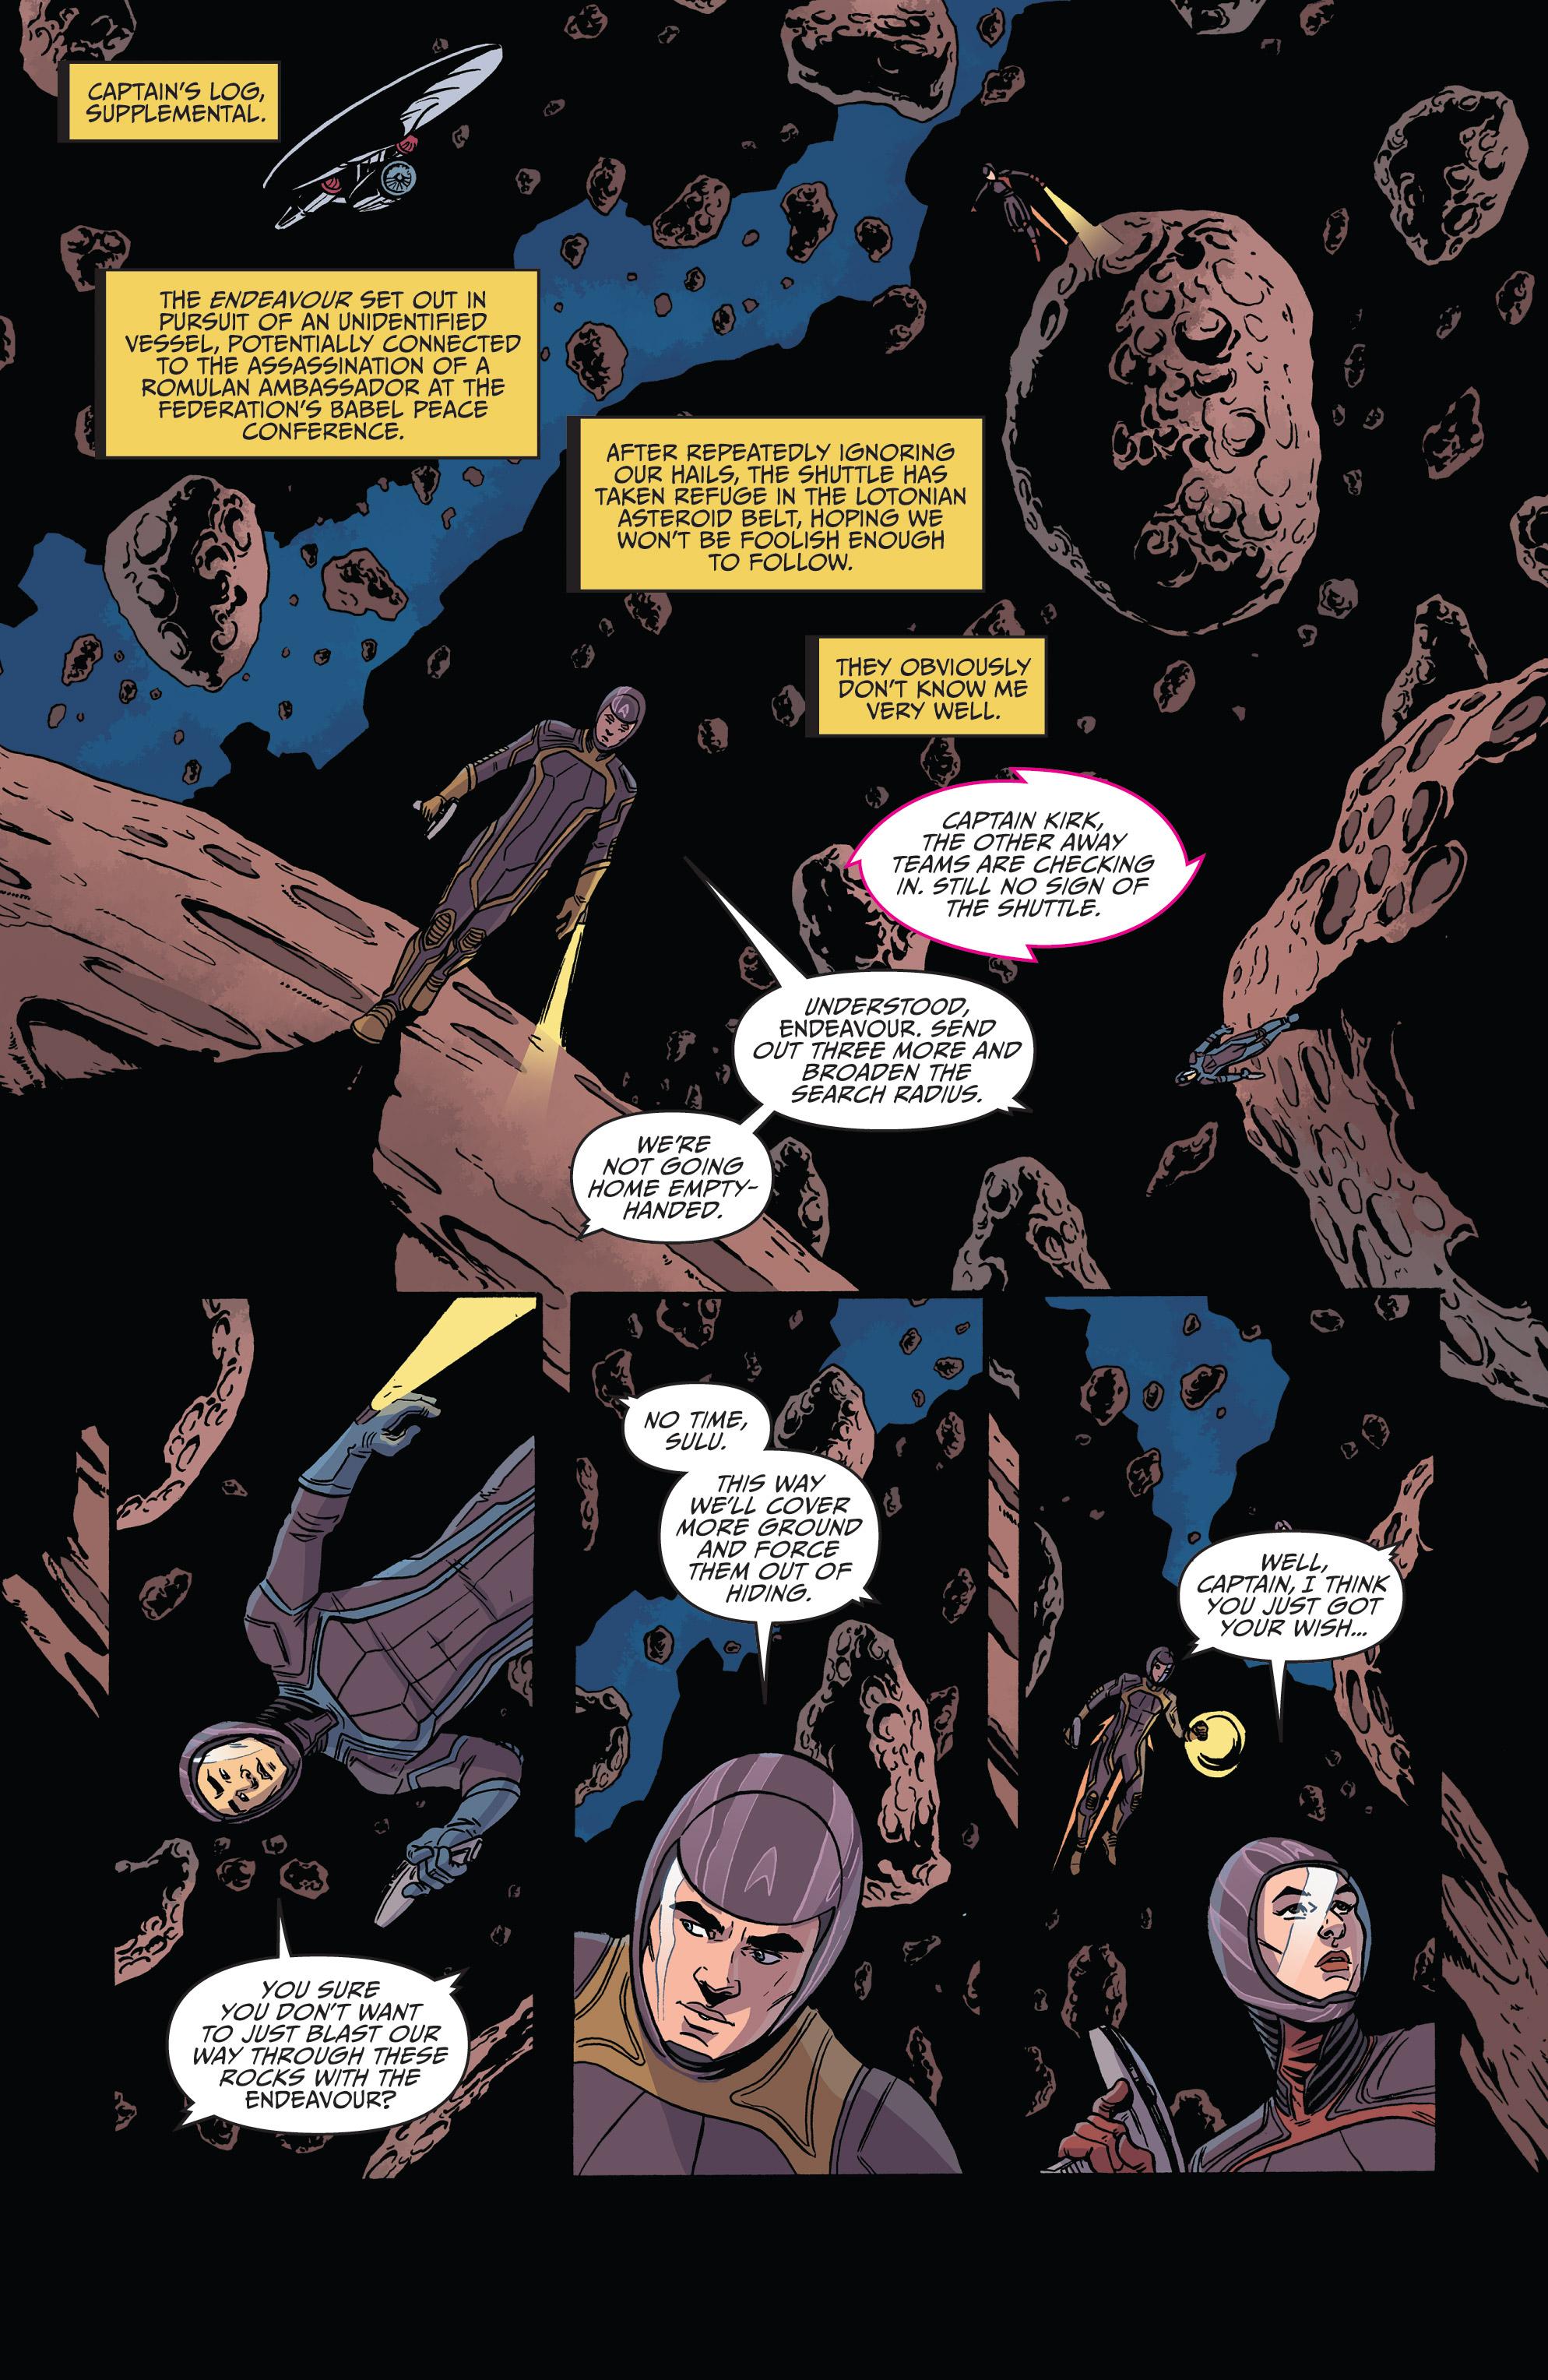 Read online Star Trek: Boldly Go comic -  Issue #8 - 3